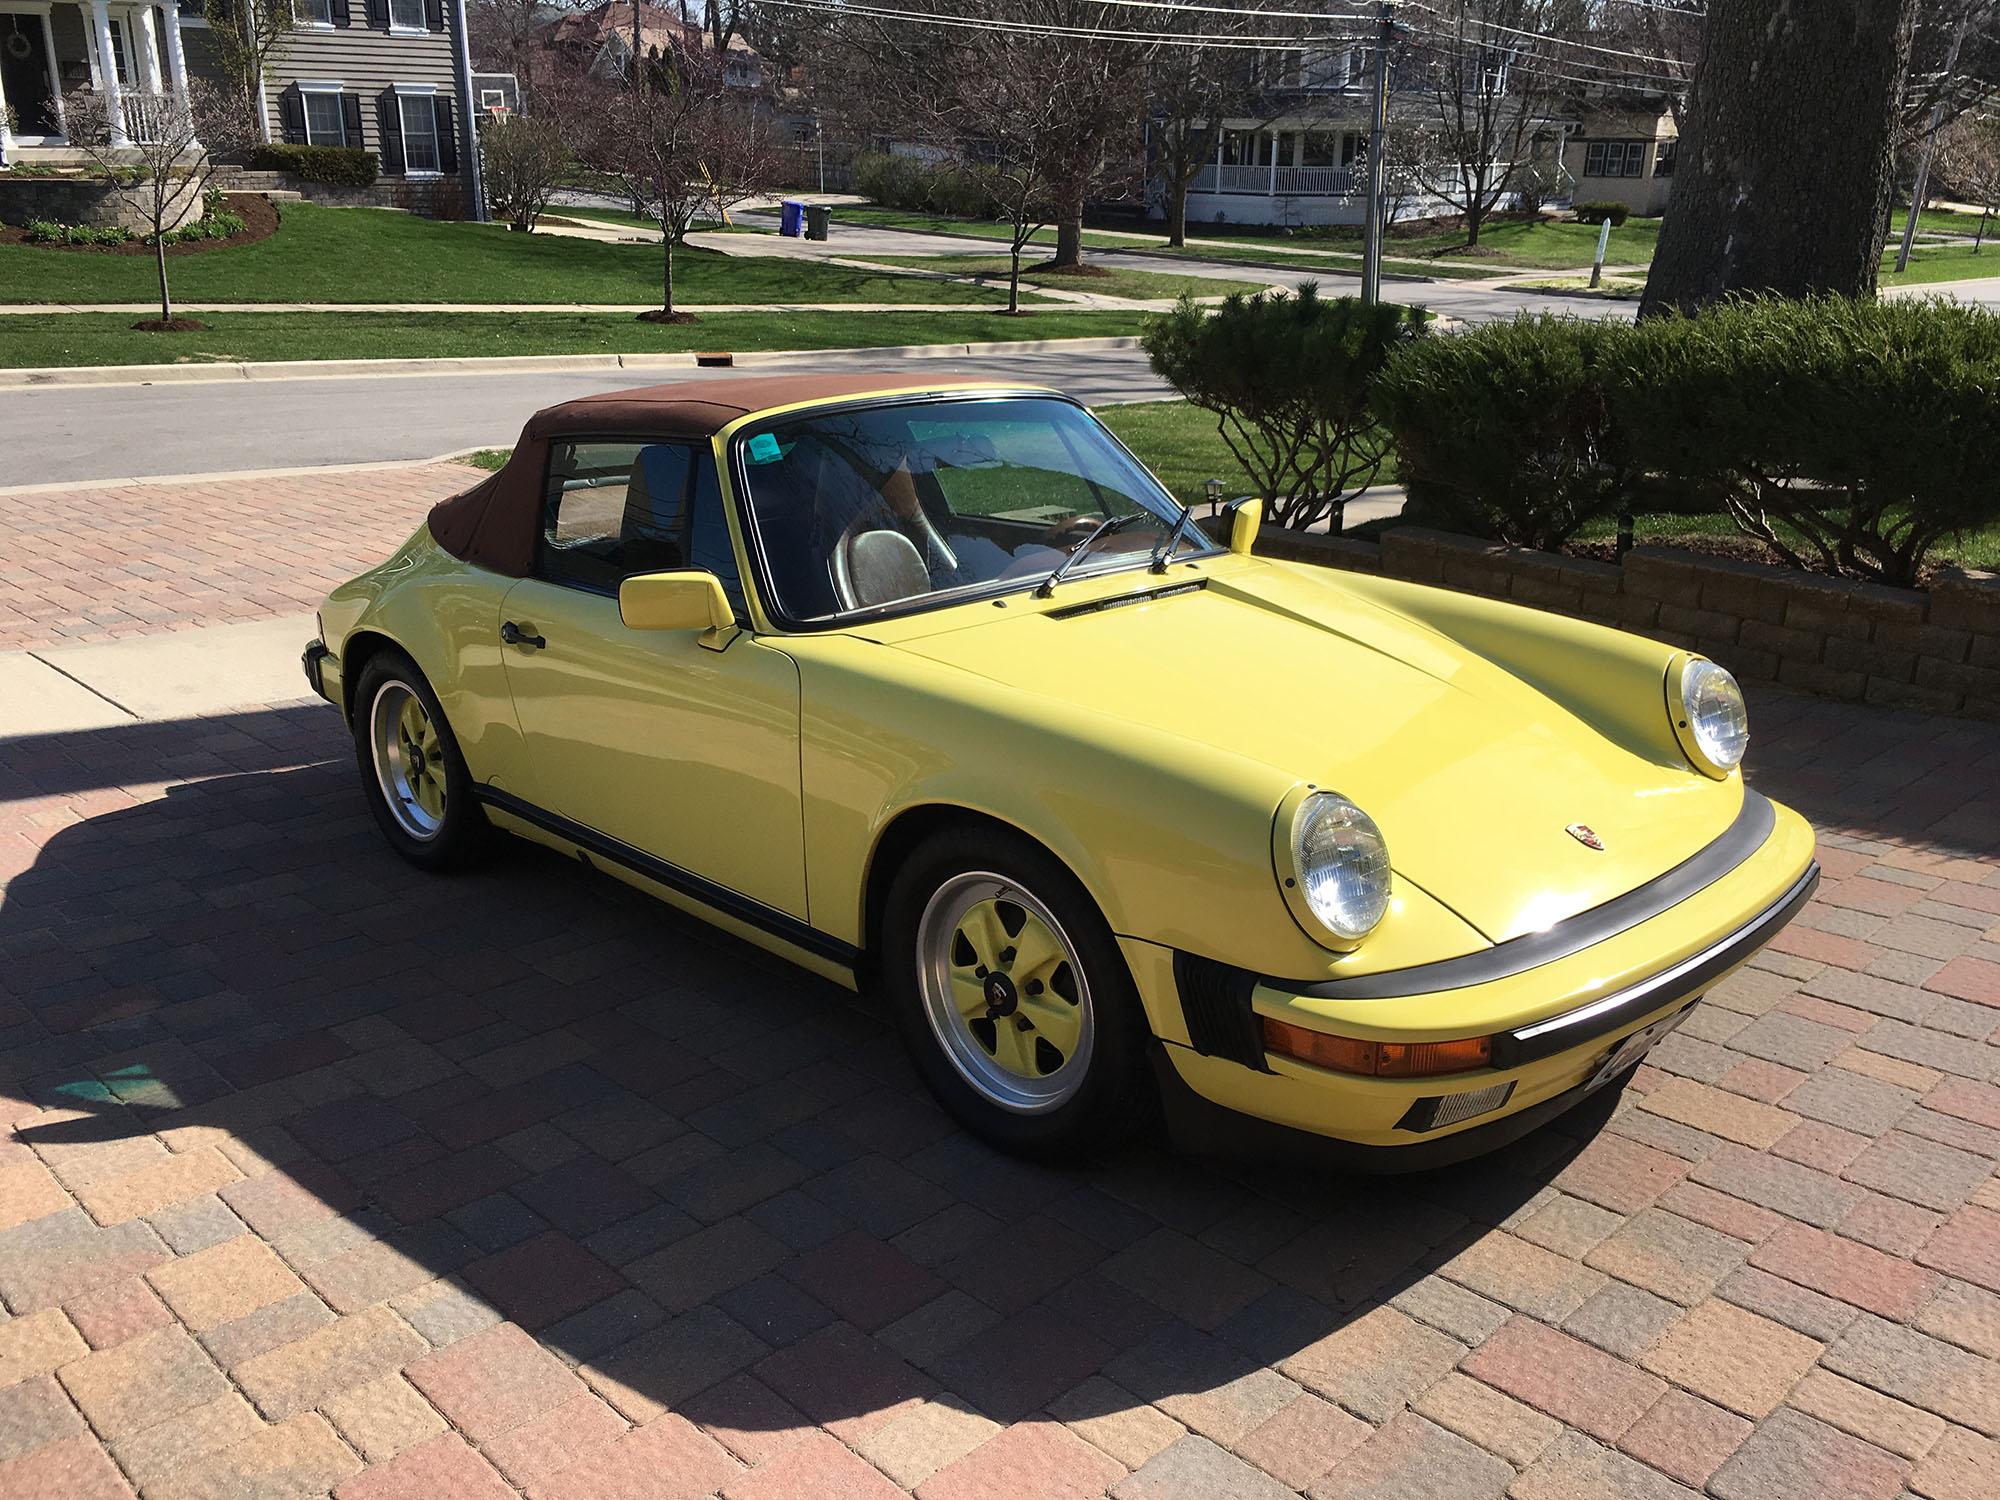 1987 Porsche 911 Cabriolet in Summer Yellow